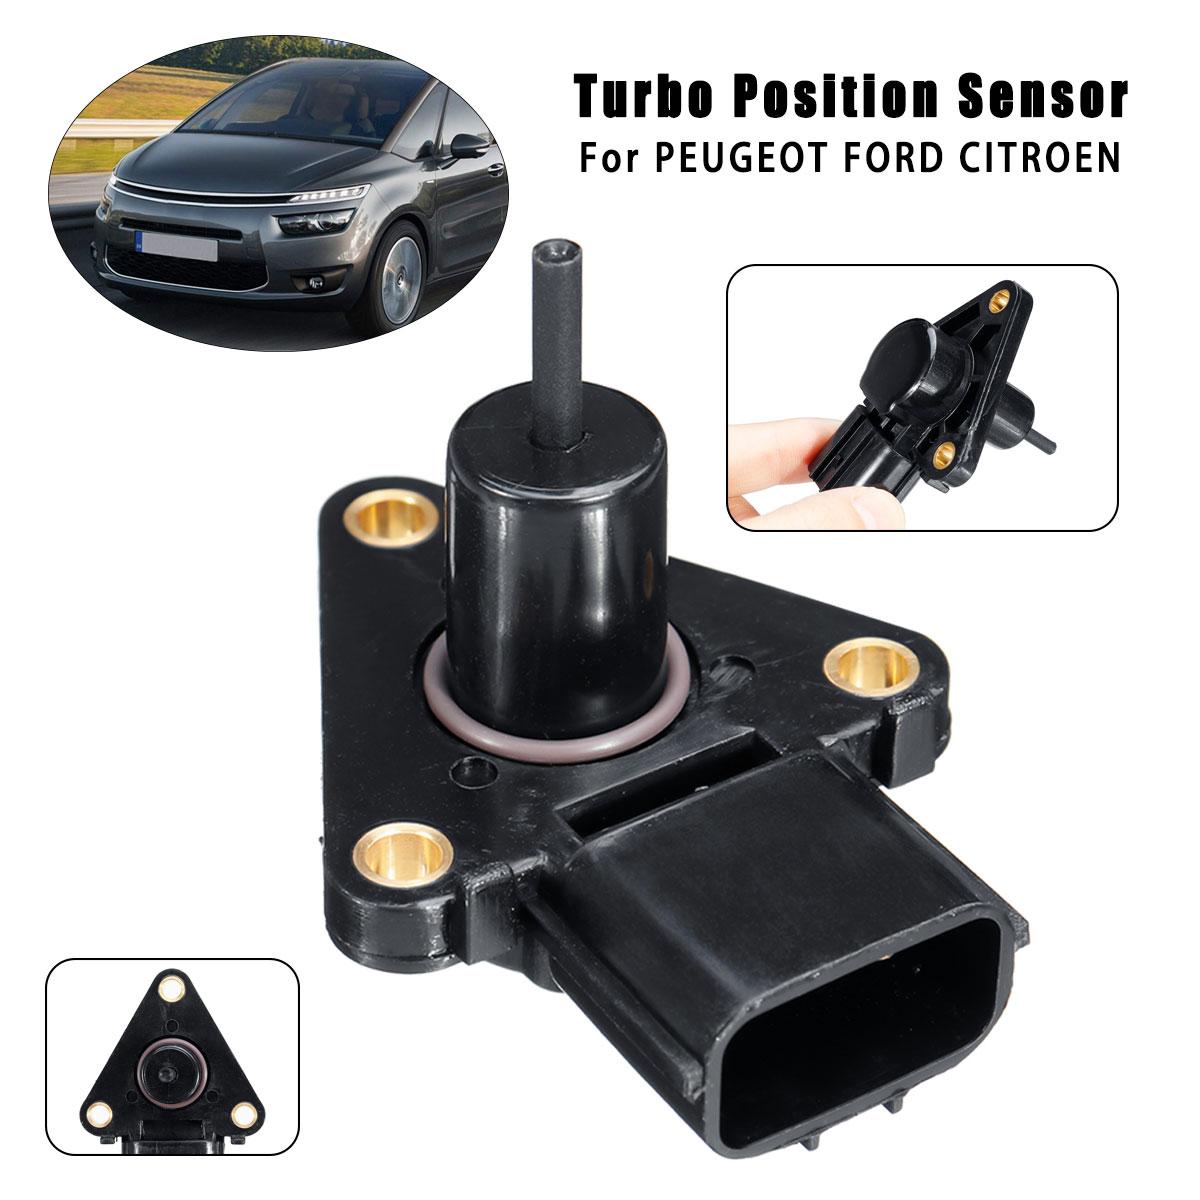 טורבו מטען מפעיל חיישן מיקום עבור Peugeot/פורד/סיטרואן 0375K1 0375K8